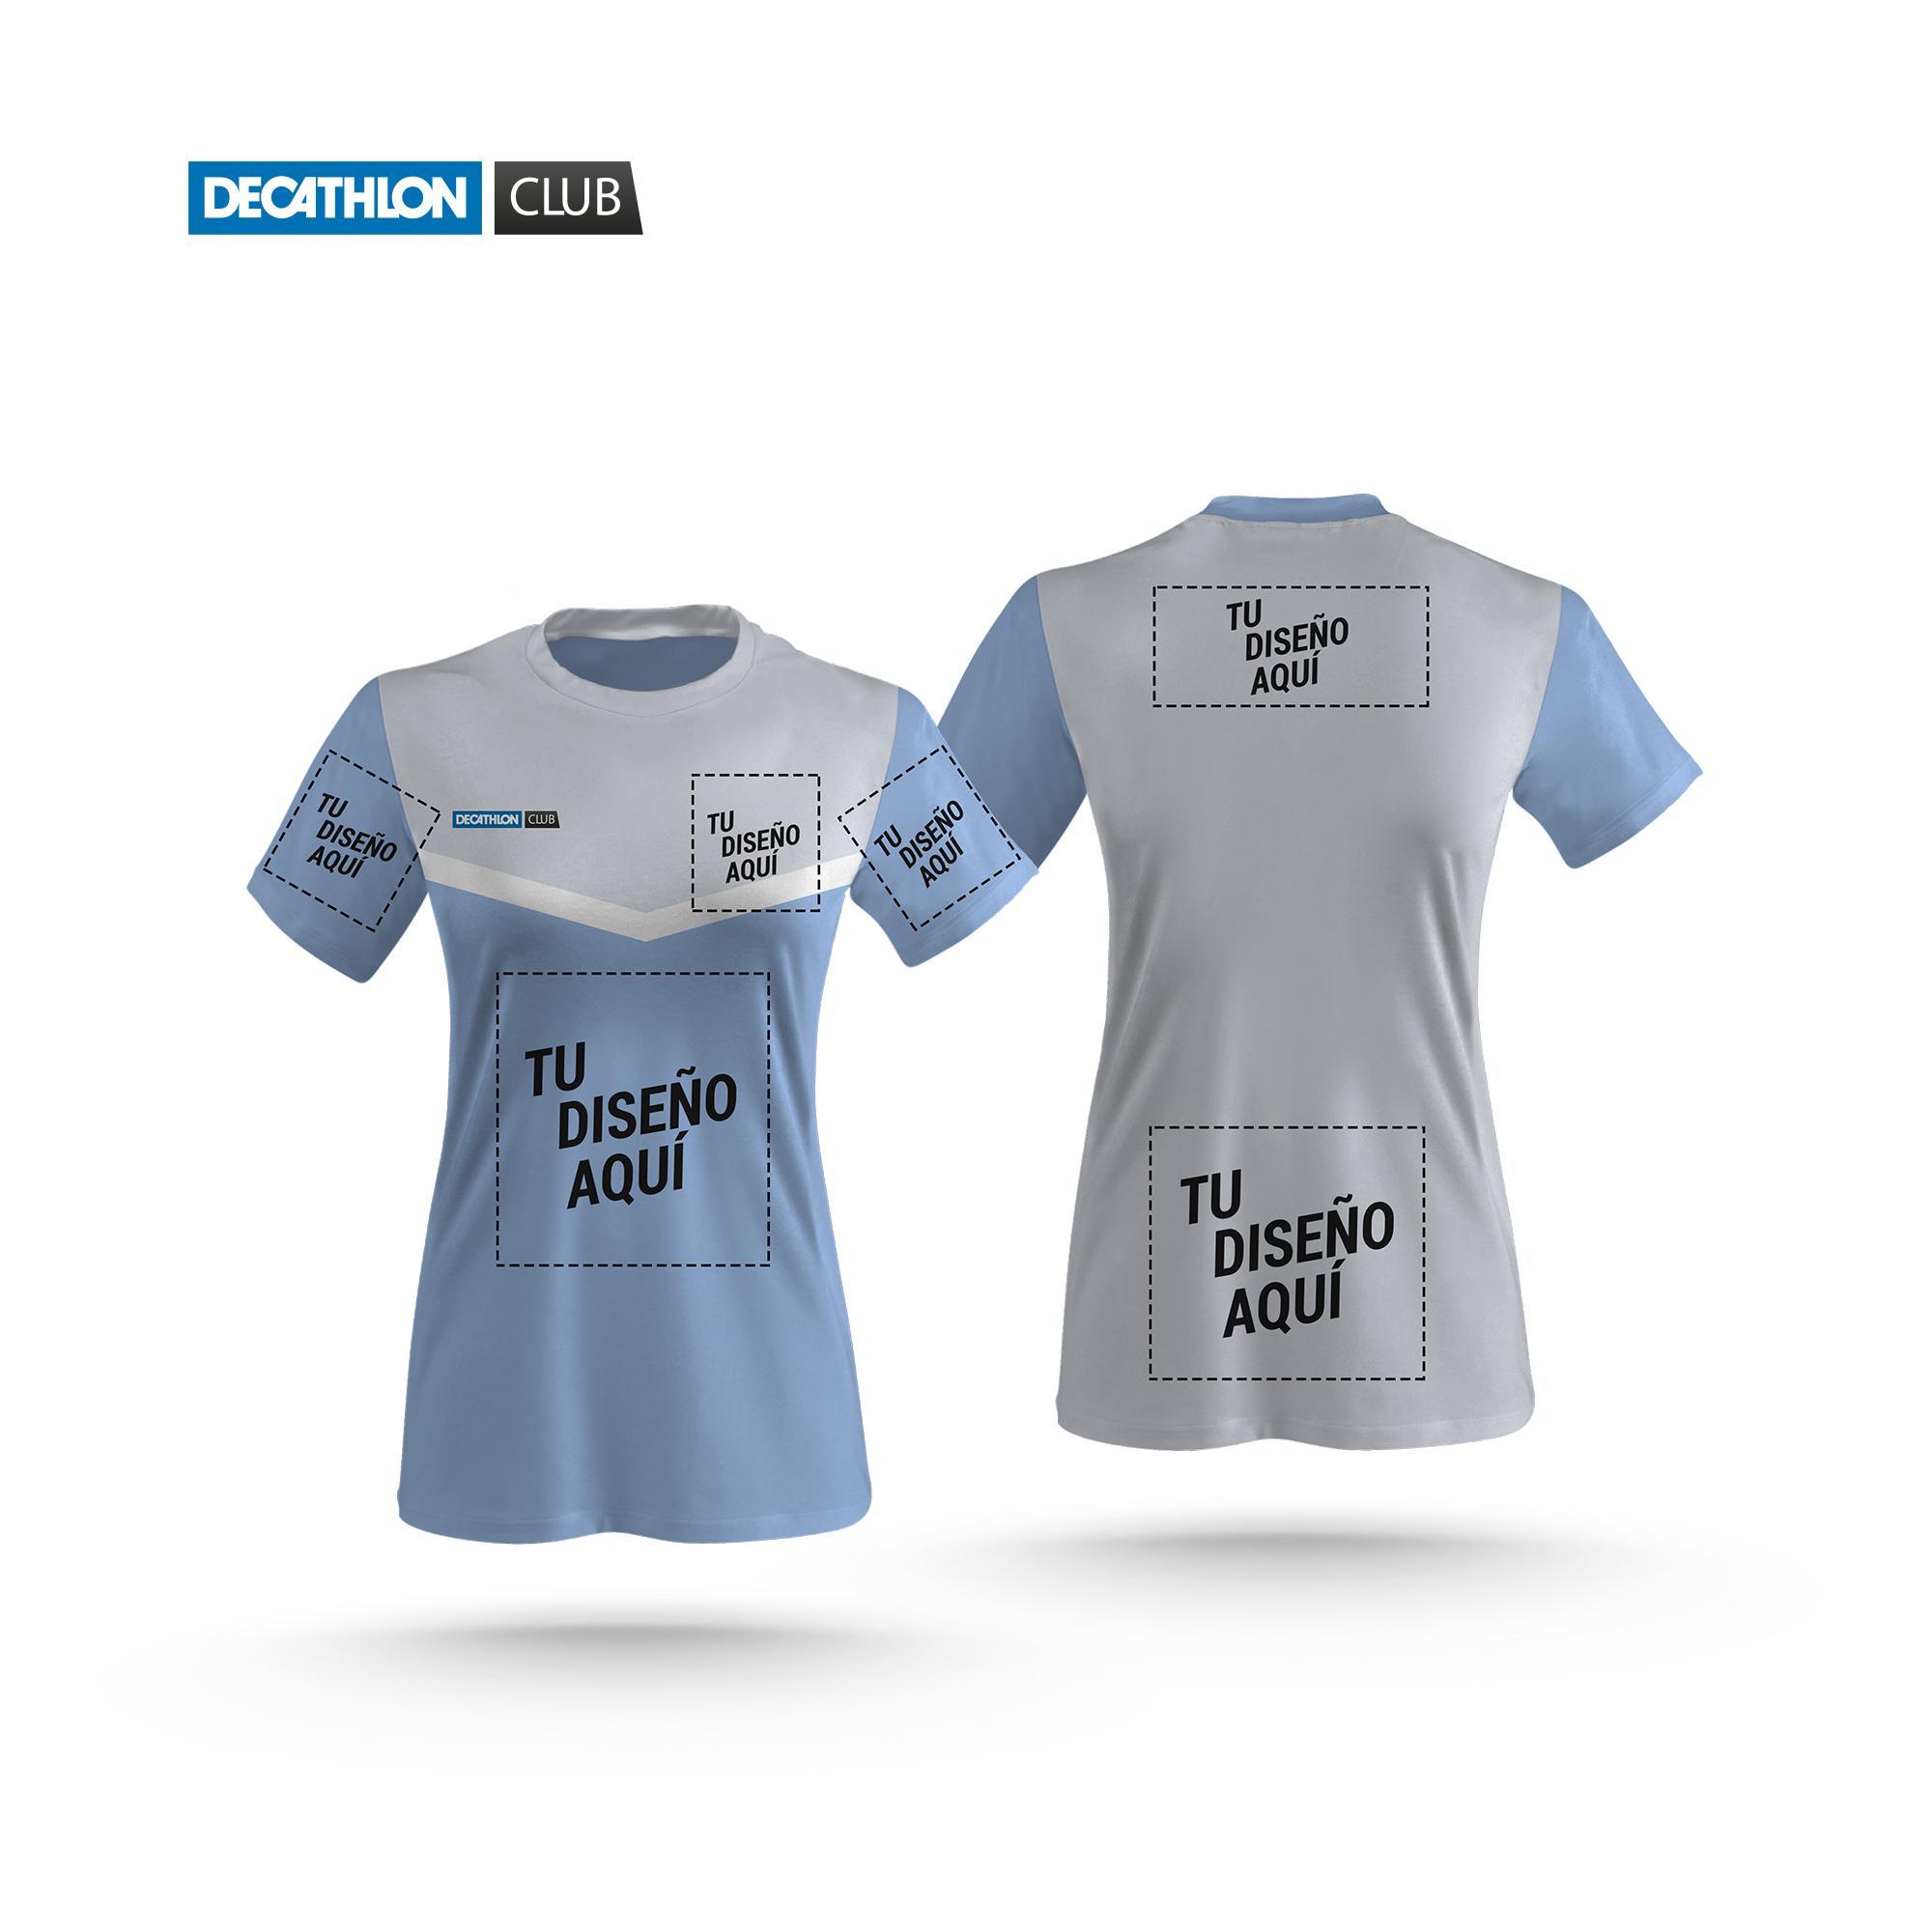 brandy No quiero Mirar  Comprar Camisetas para Niños y Bebés Deportivas | Decathlon